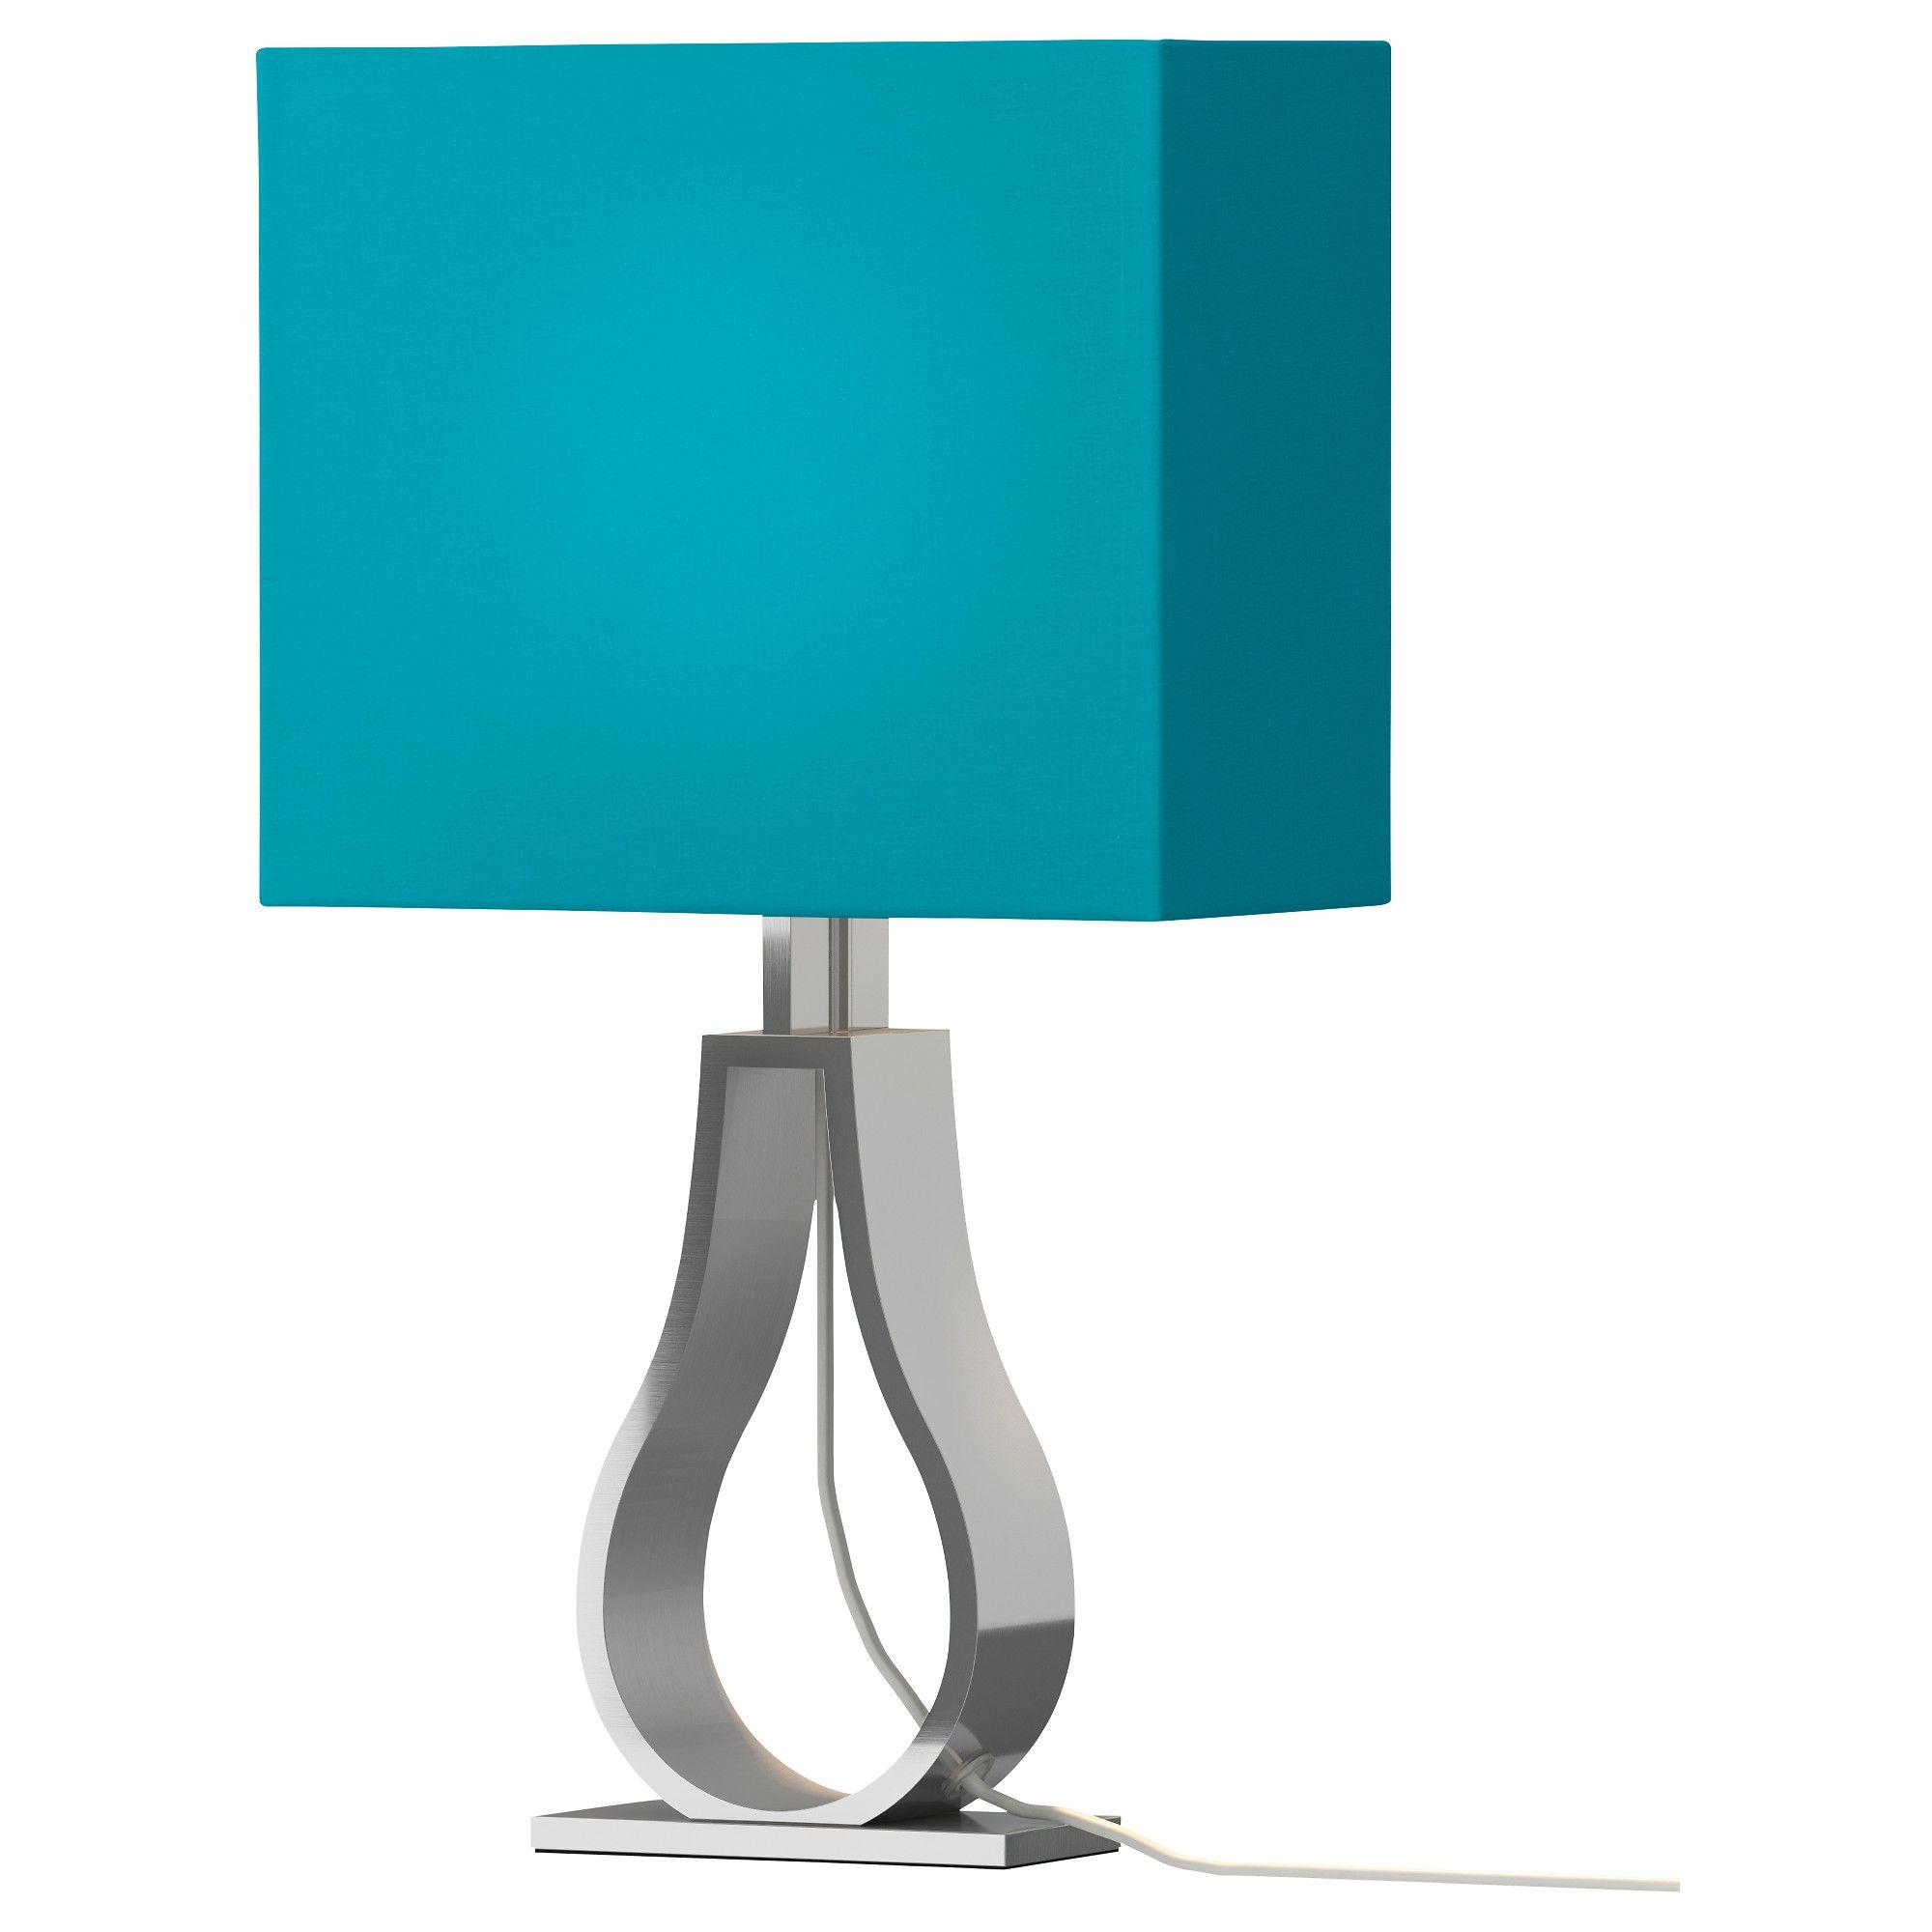 klabb tischleuchte t rkis a jetzt bestellen unter. Black Bedroom Furniture Sets. Home Design Ideas